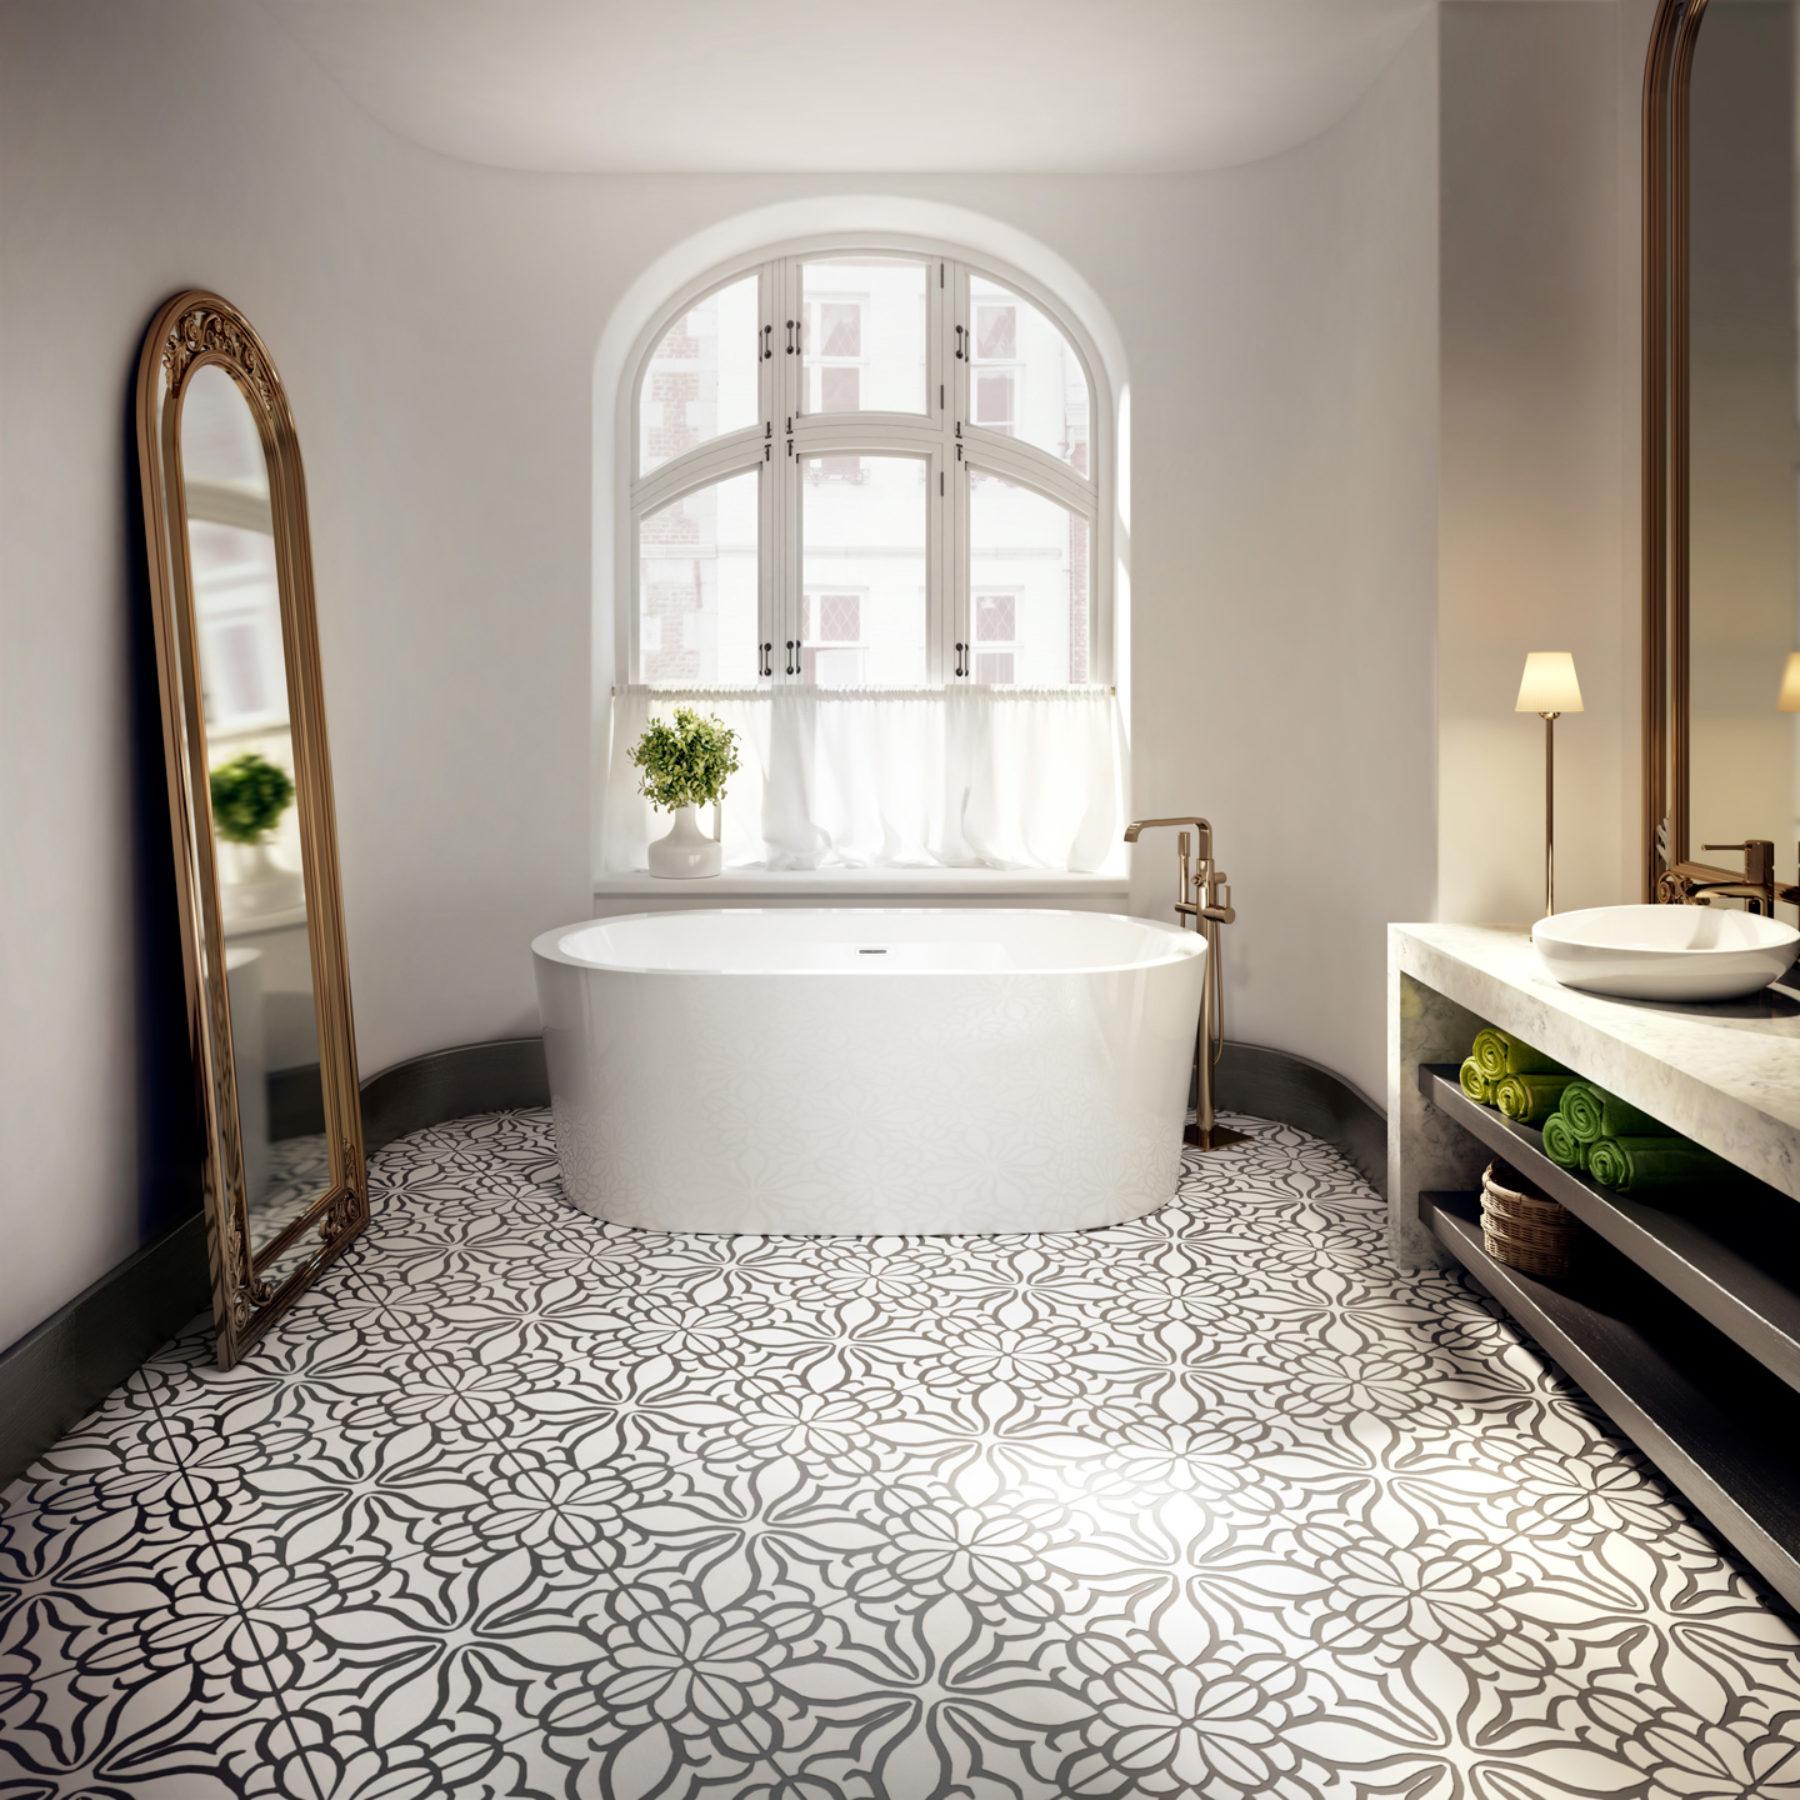 3d-artist-classic-appartment-bathroom-cgi-designer 3d-rendering